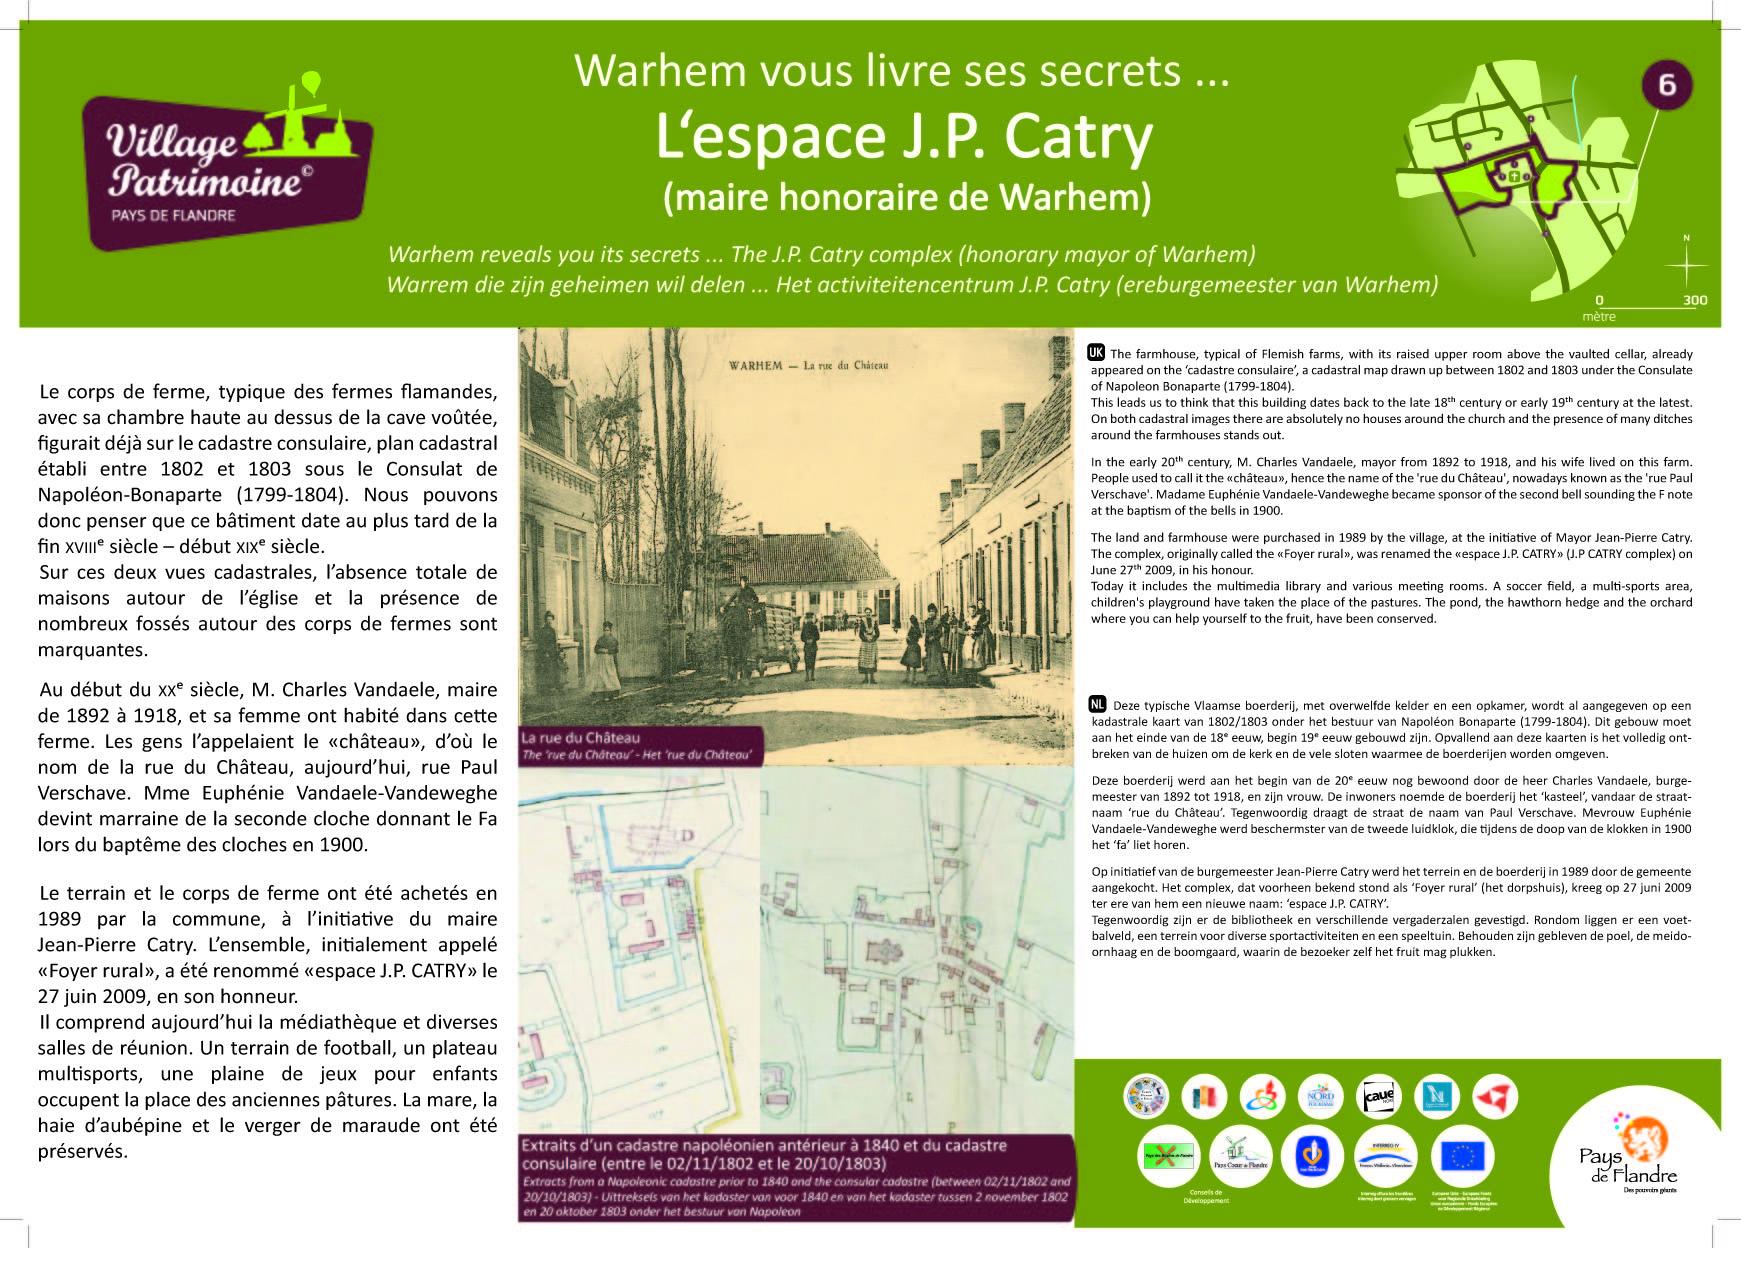 VP6_Espace_JPCatry.jpg